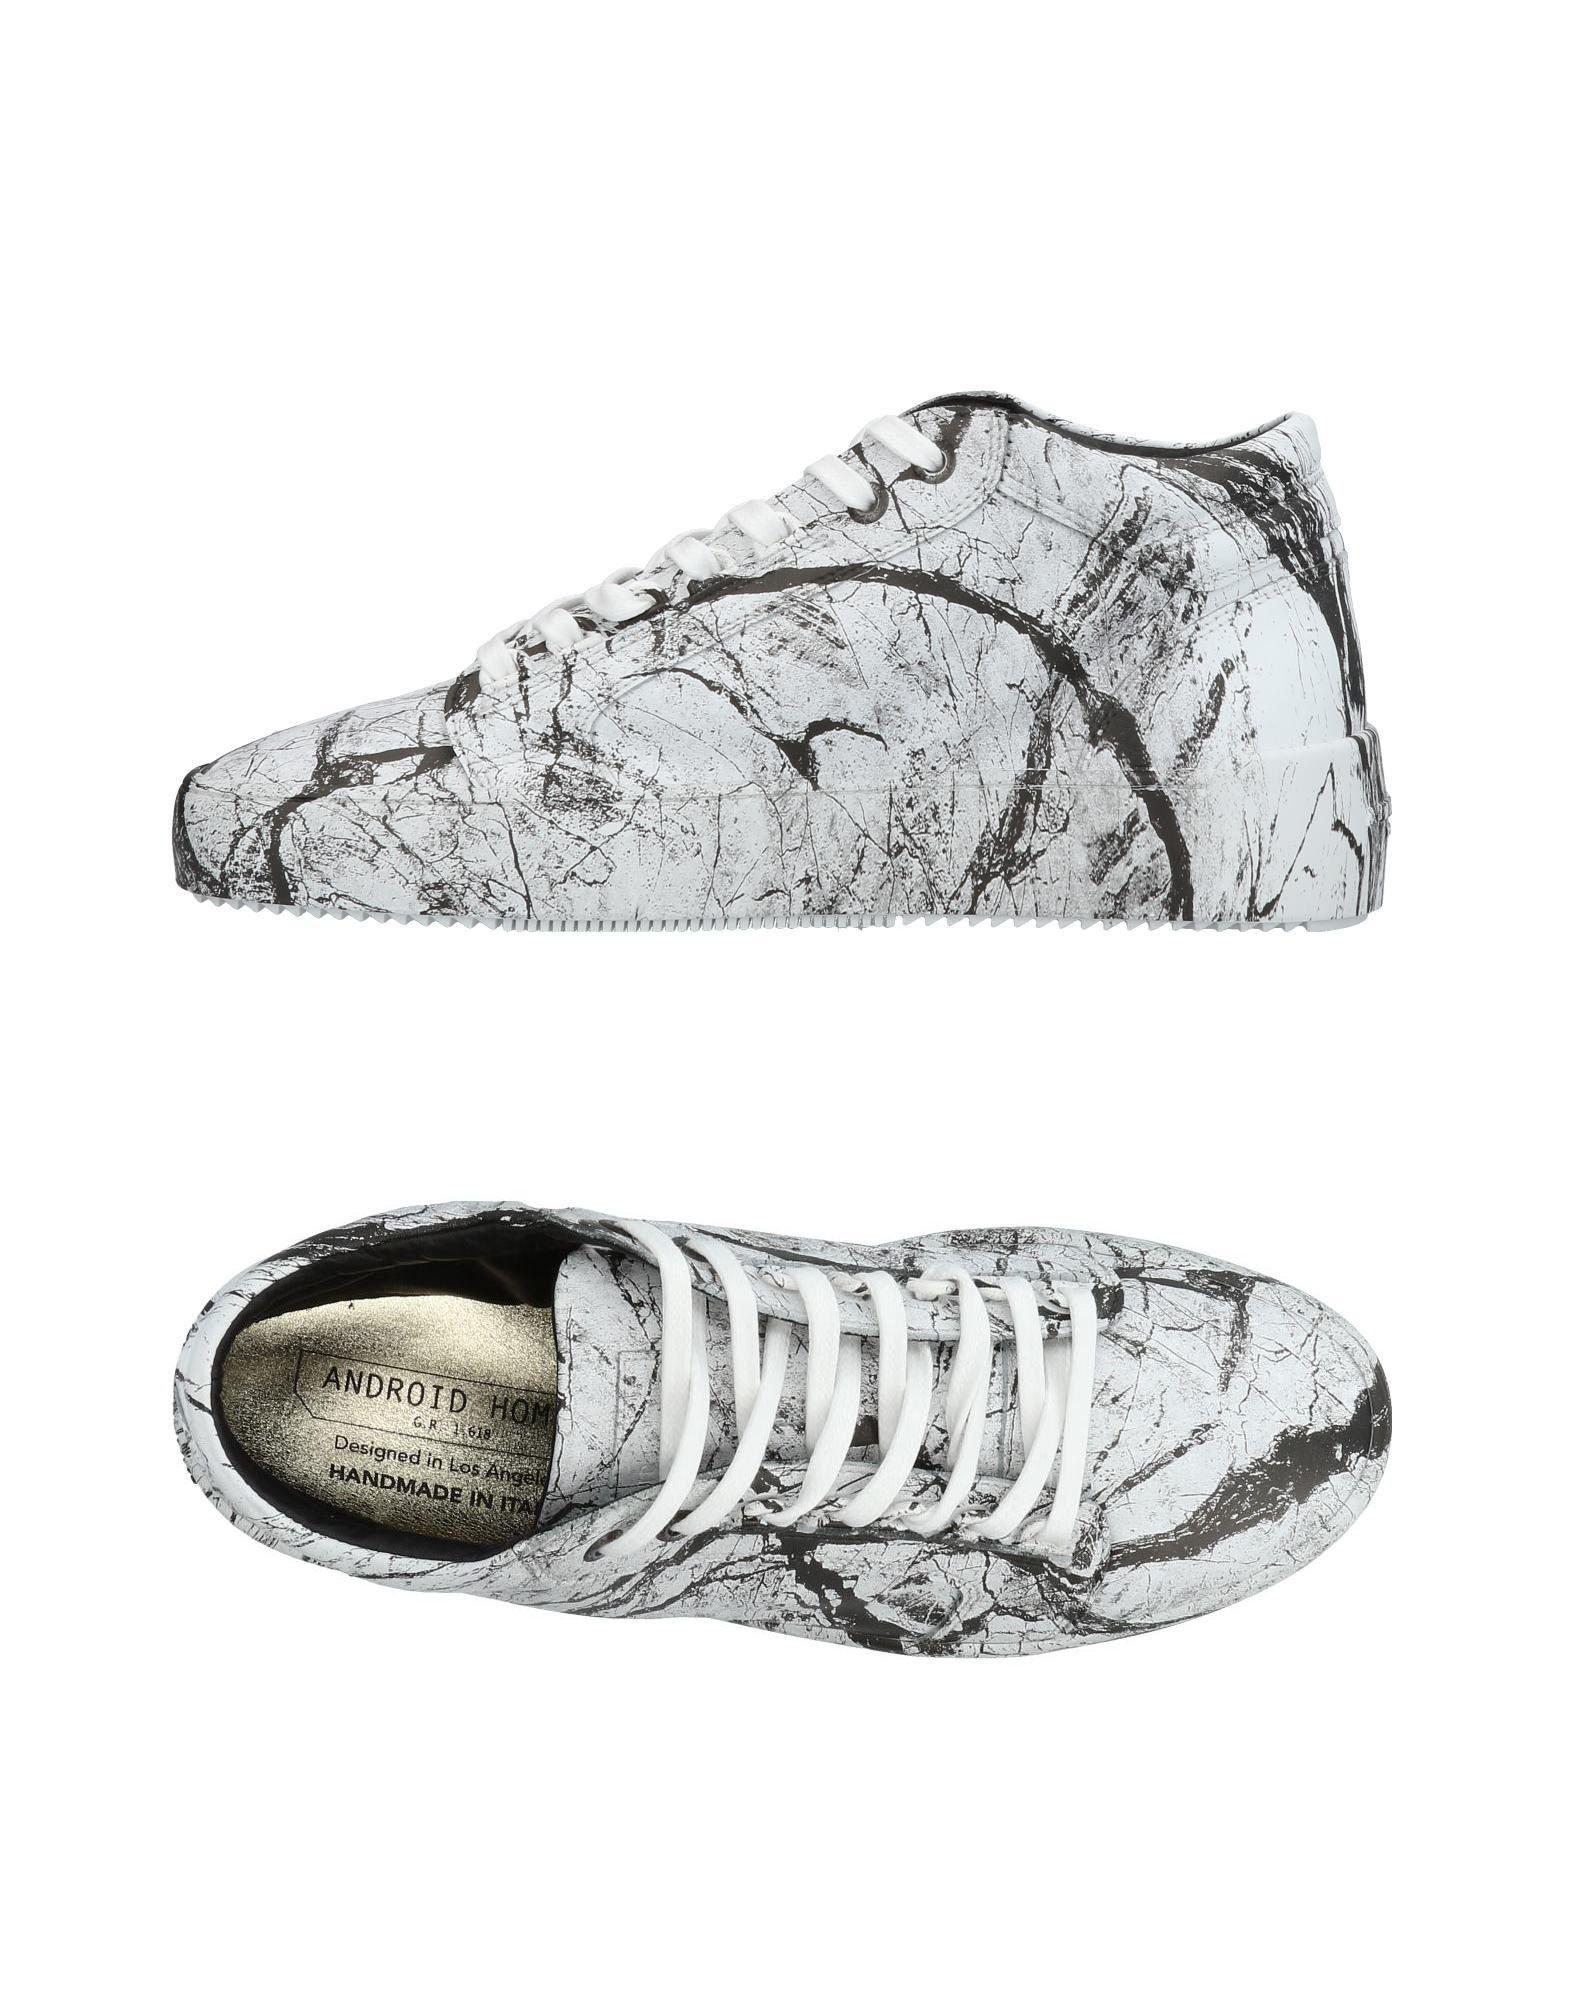 Android Homme Sneakers Herren  11423271VK